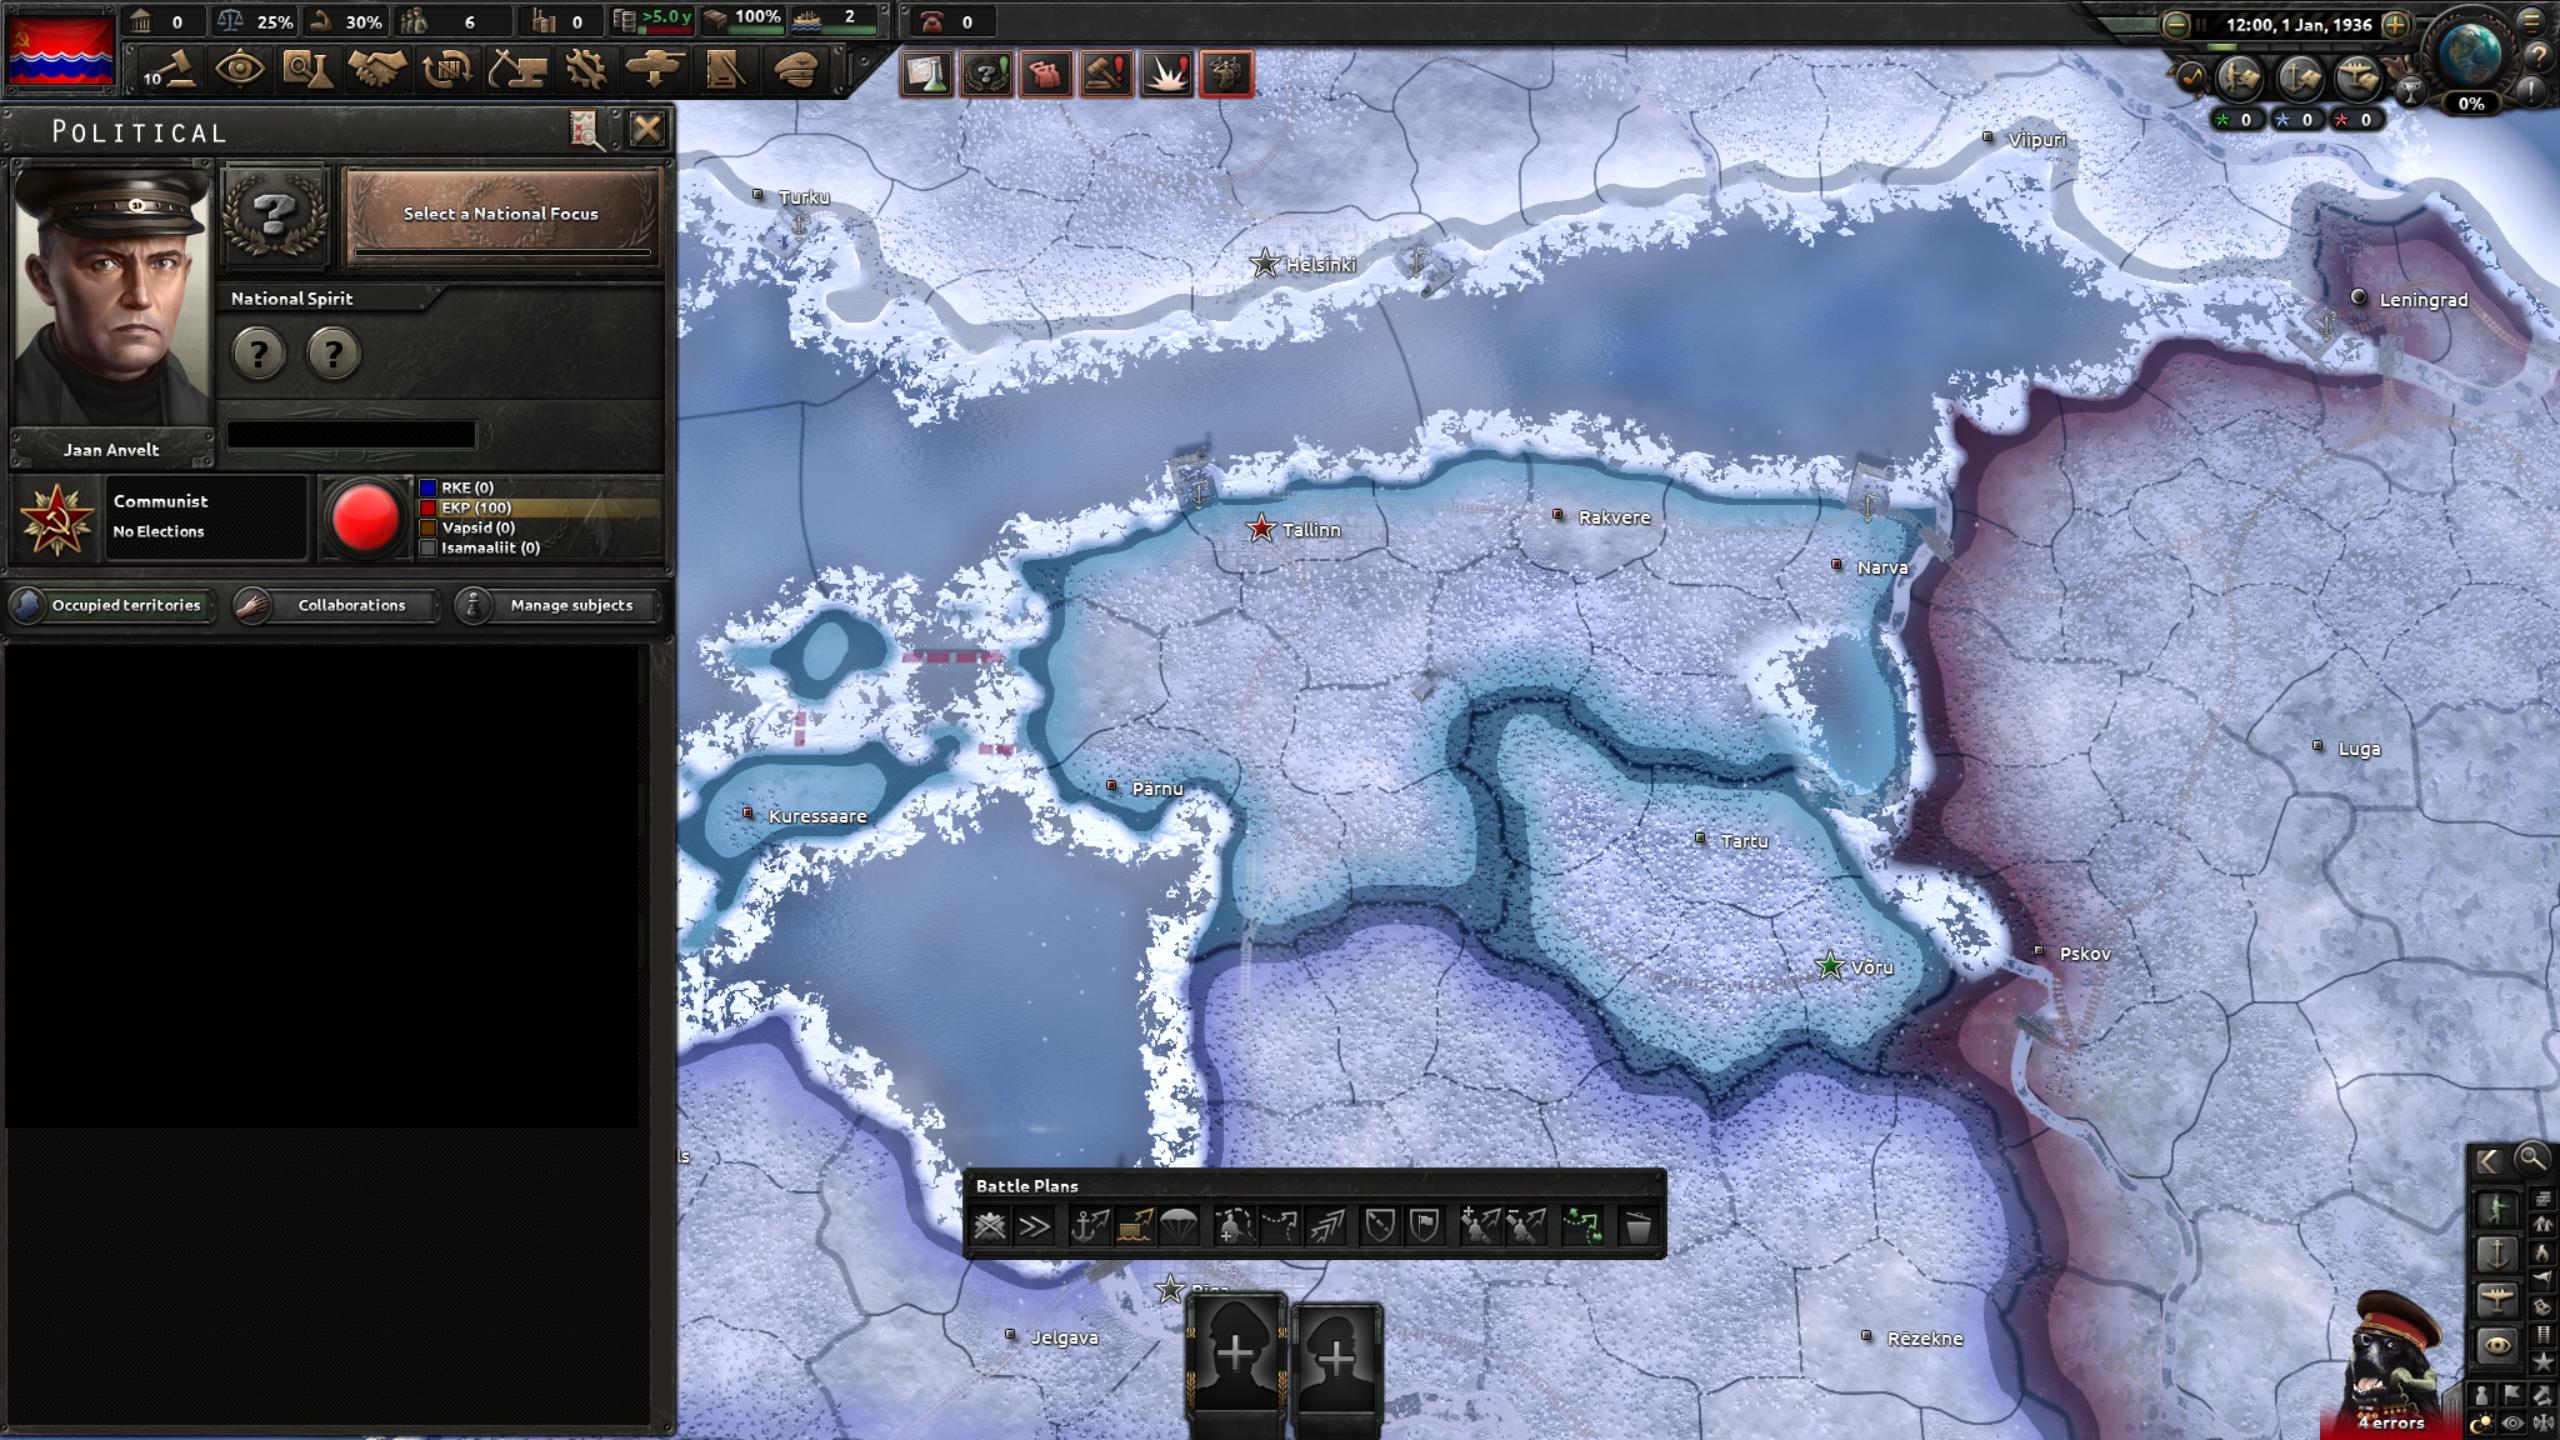 Estonia_civil_war.png